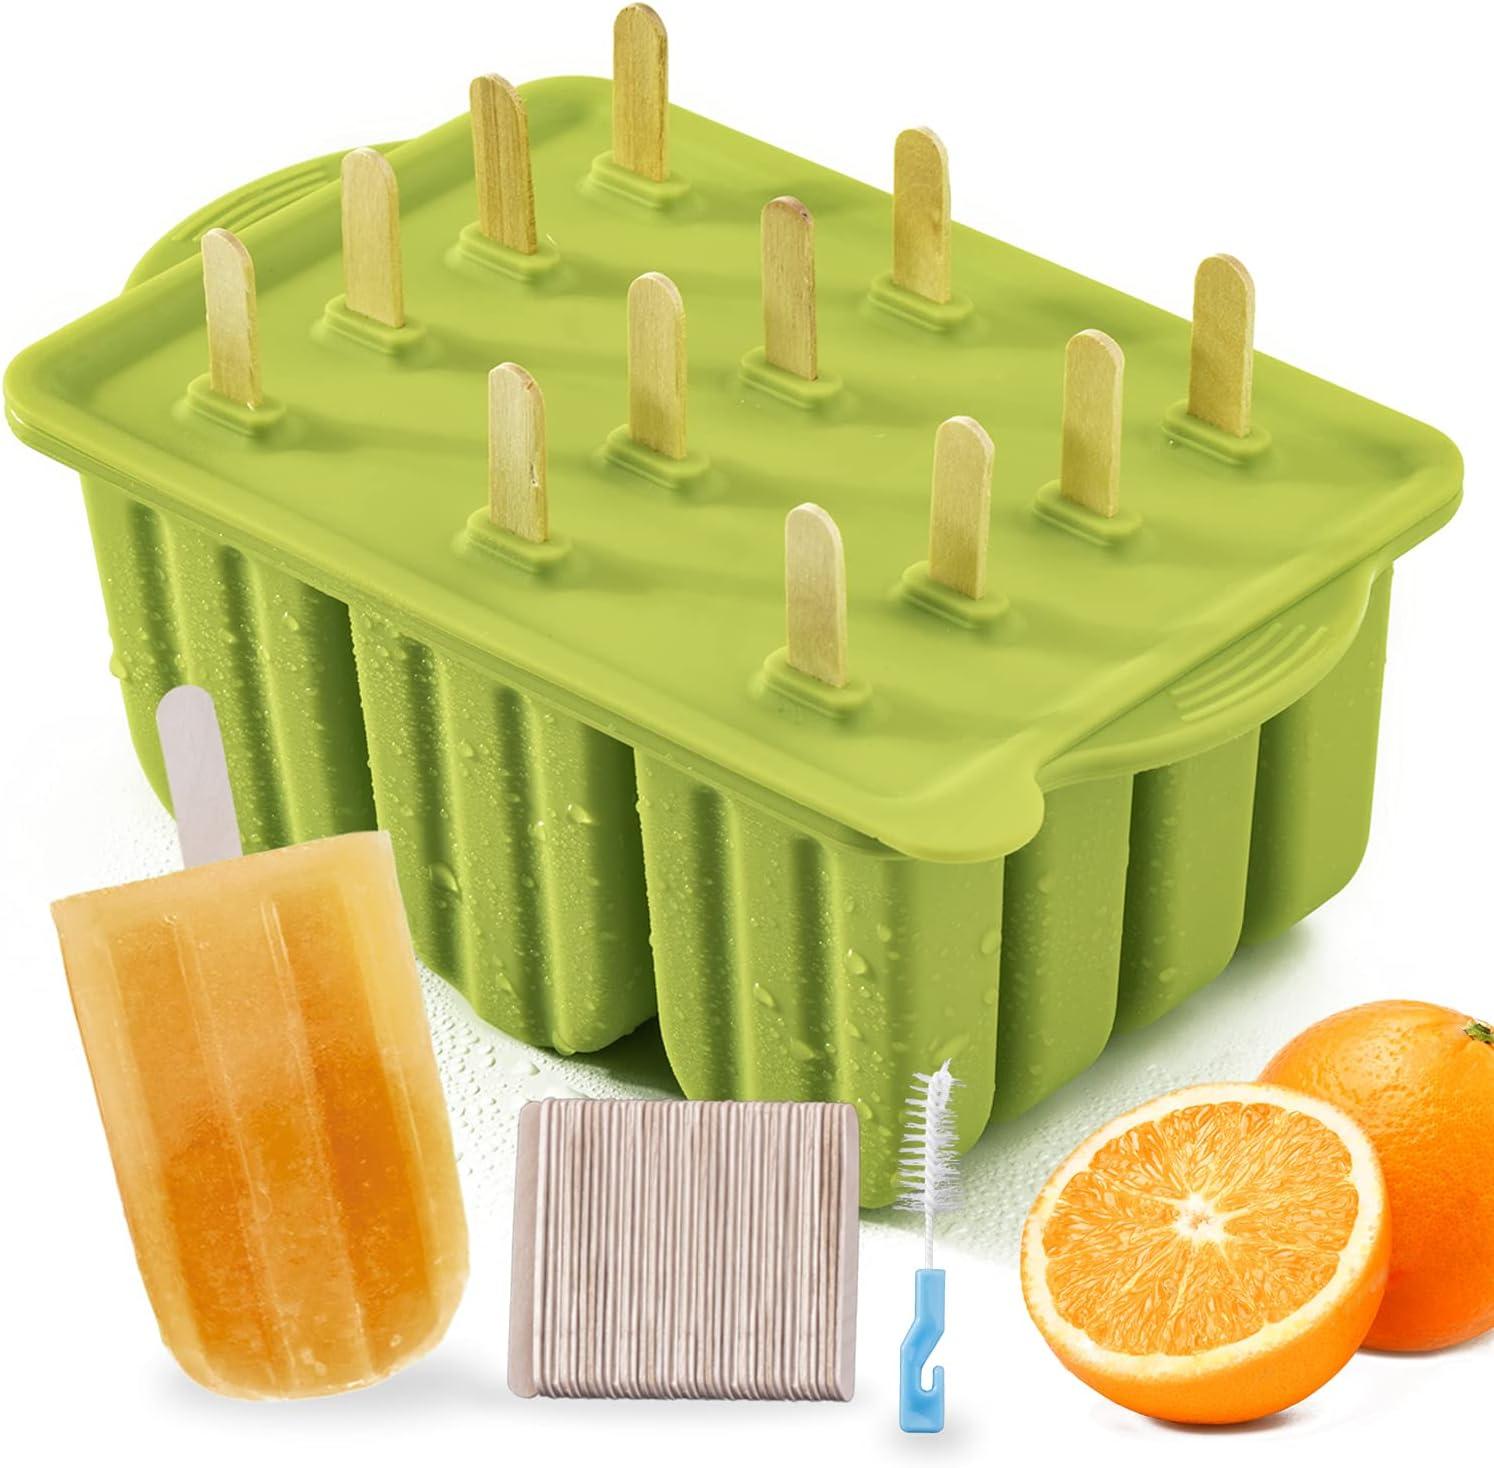 Flytoo Silikon-Formen mit 3 Mulden BPA-frei 2 Packung, mit 100 Stielstangen Kuchen//Eiscreme//Eis am Stiel einfach zu l/ösen selbstgemachte Eisformen mit Deckel f/ür Kinder